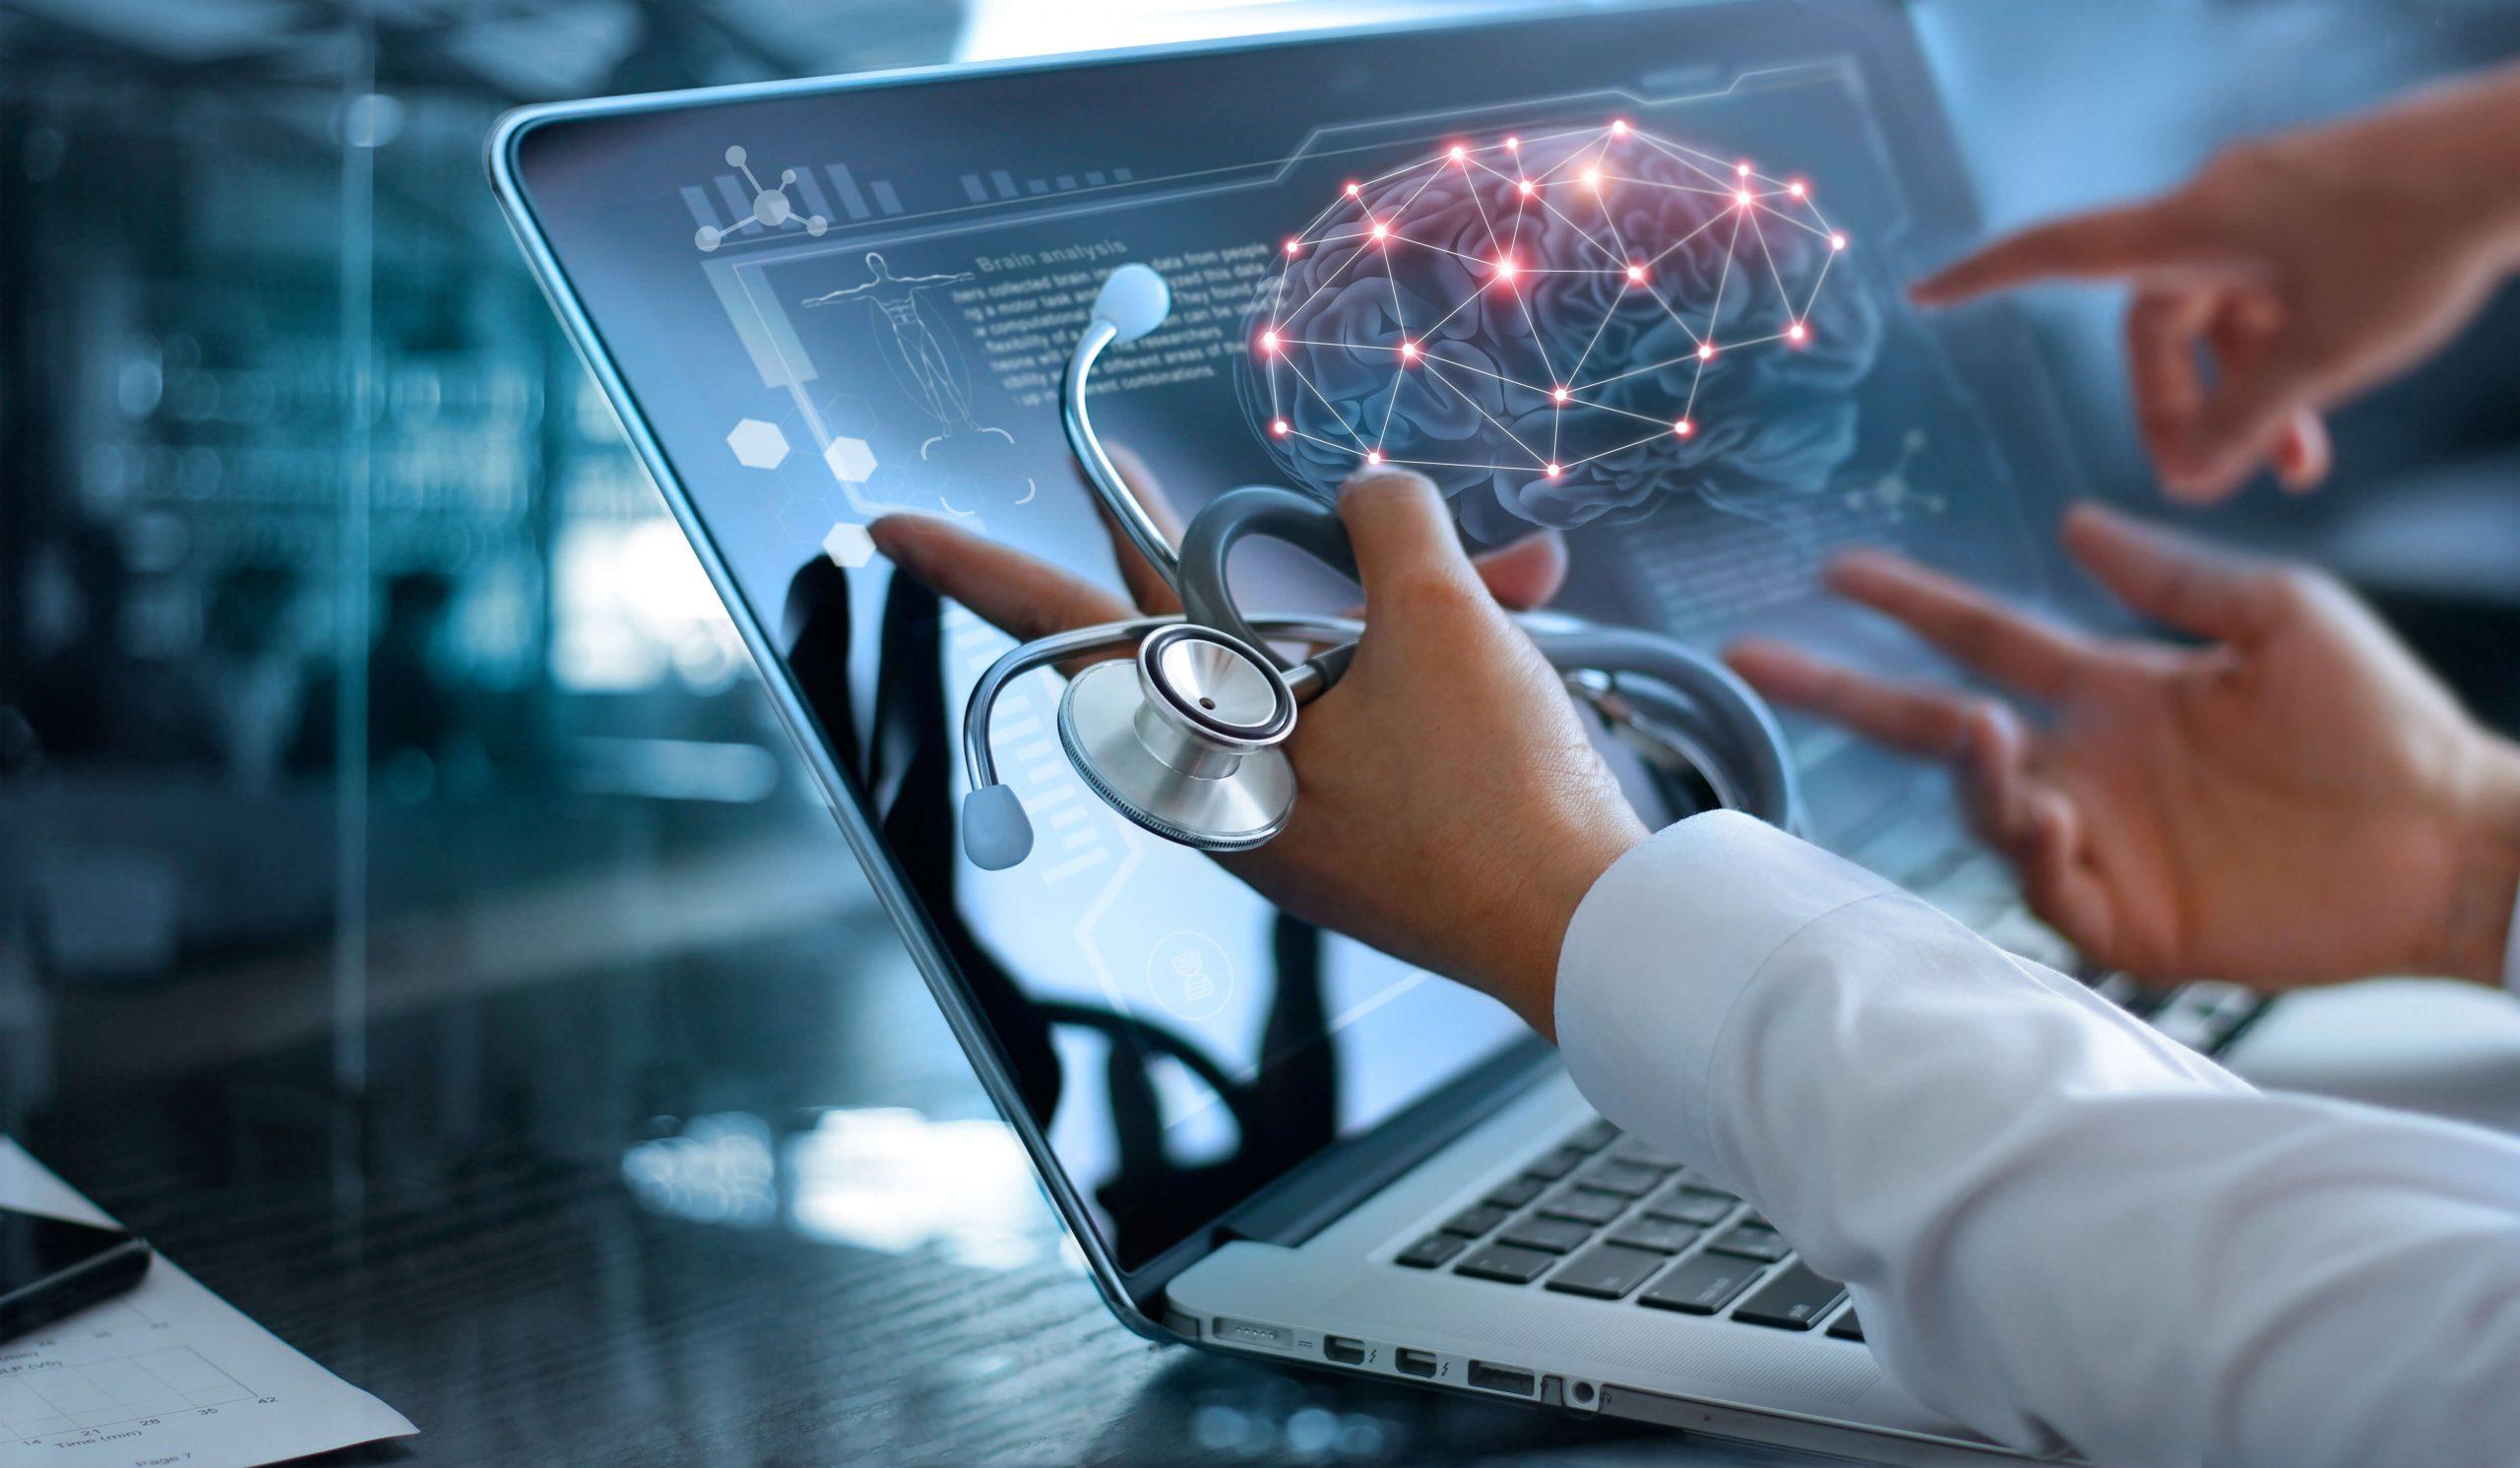 קידום אתרים לרופאים - תמונה 2